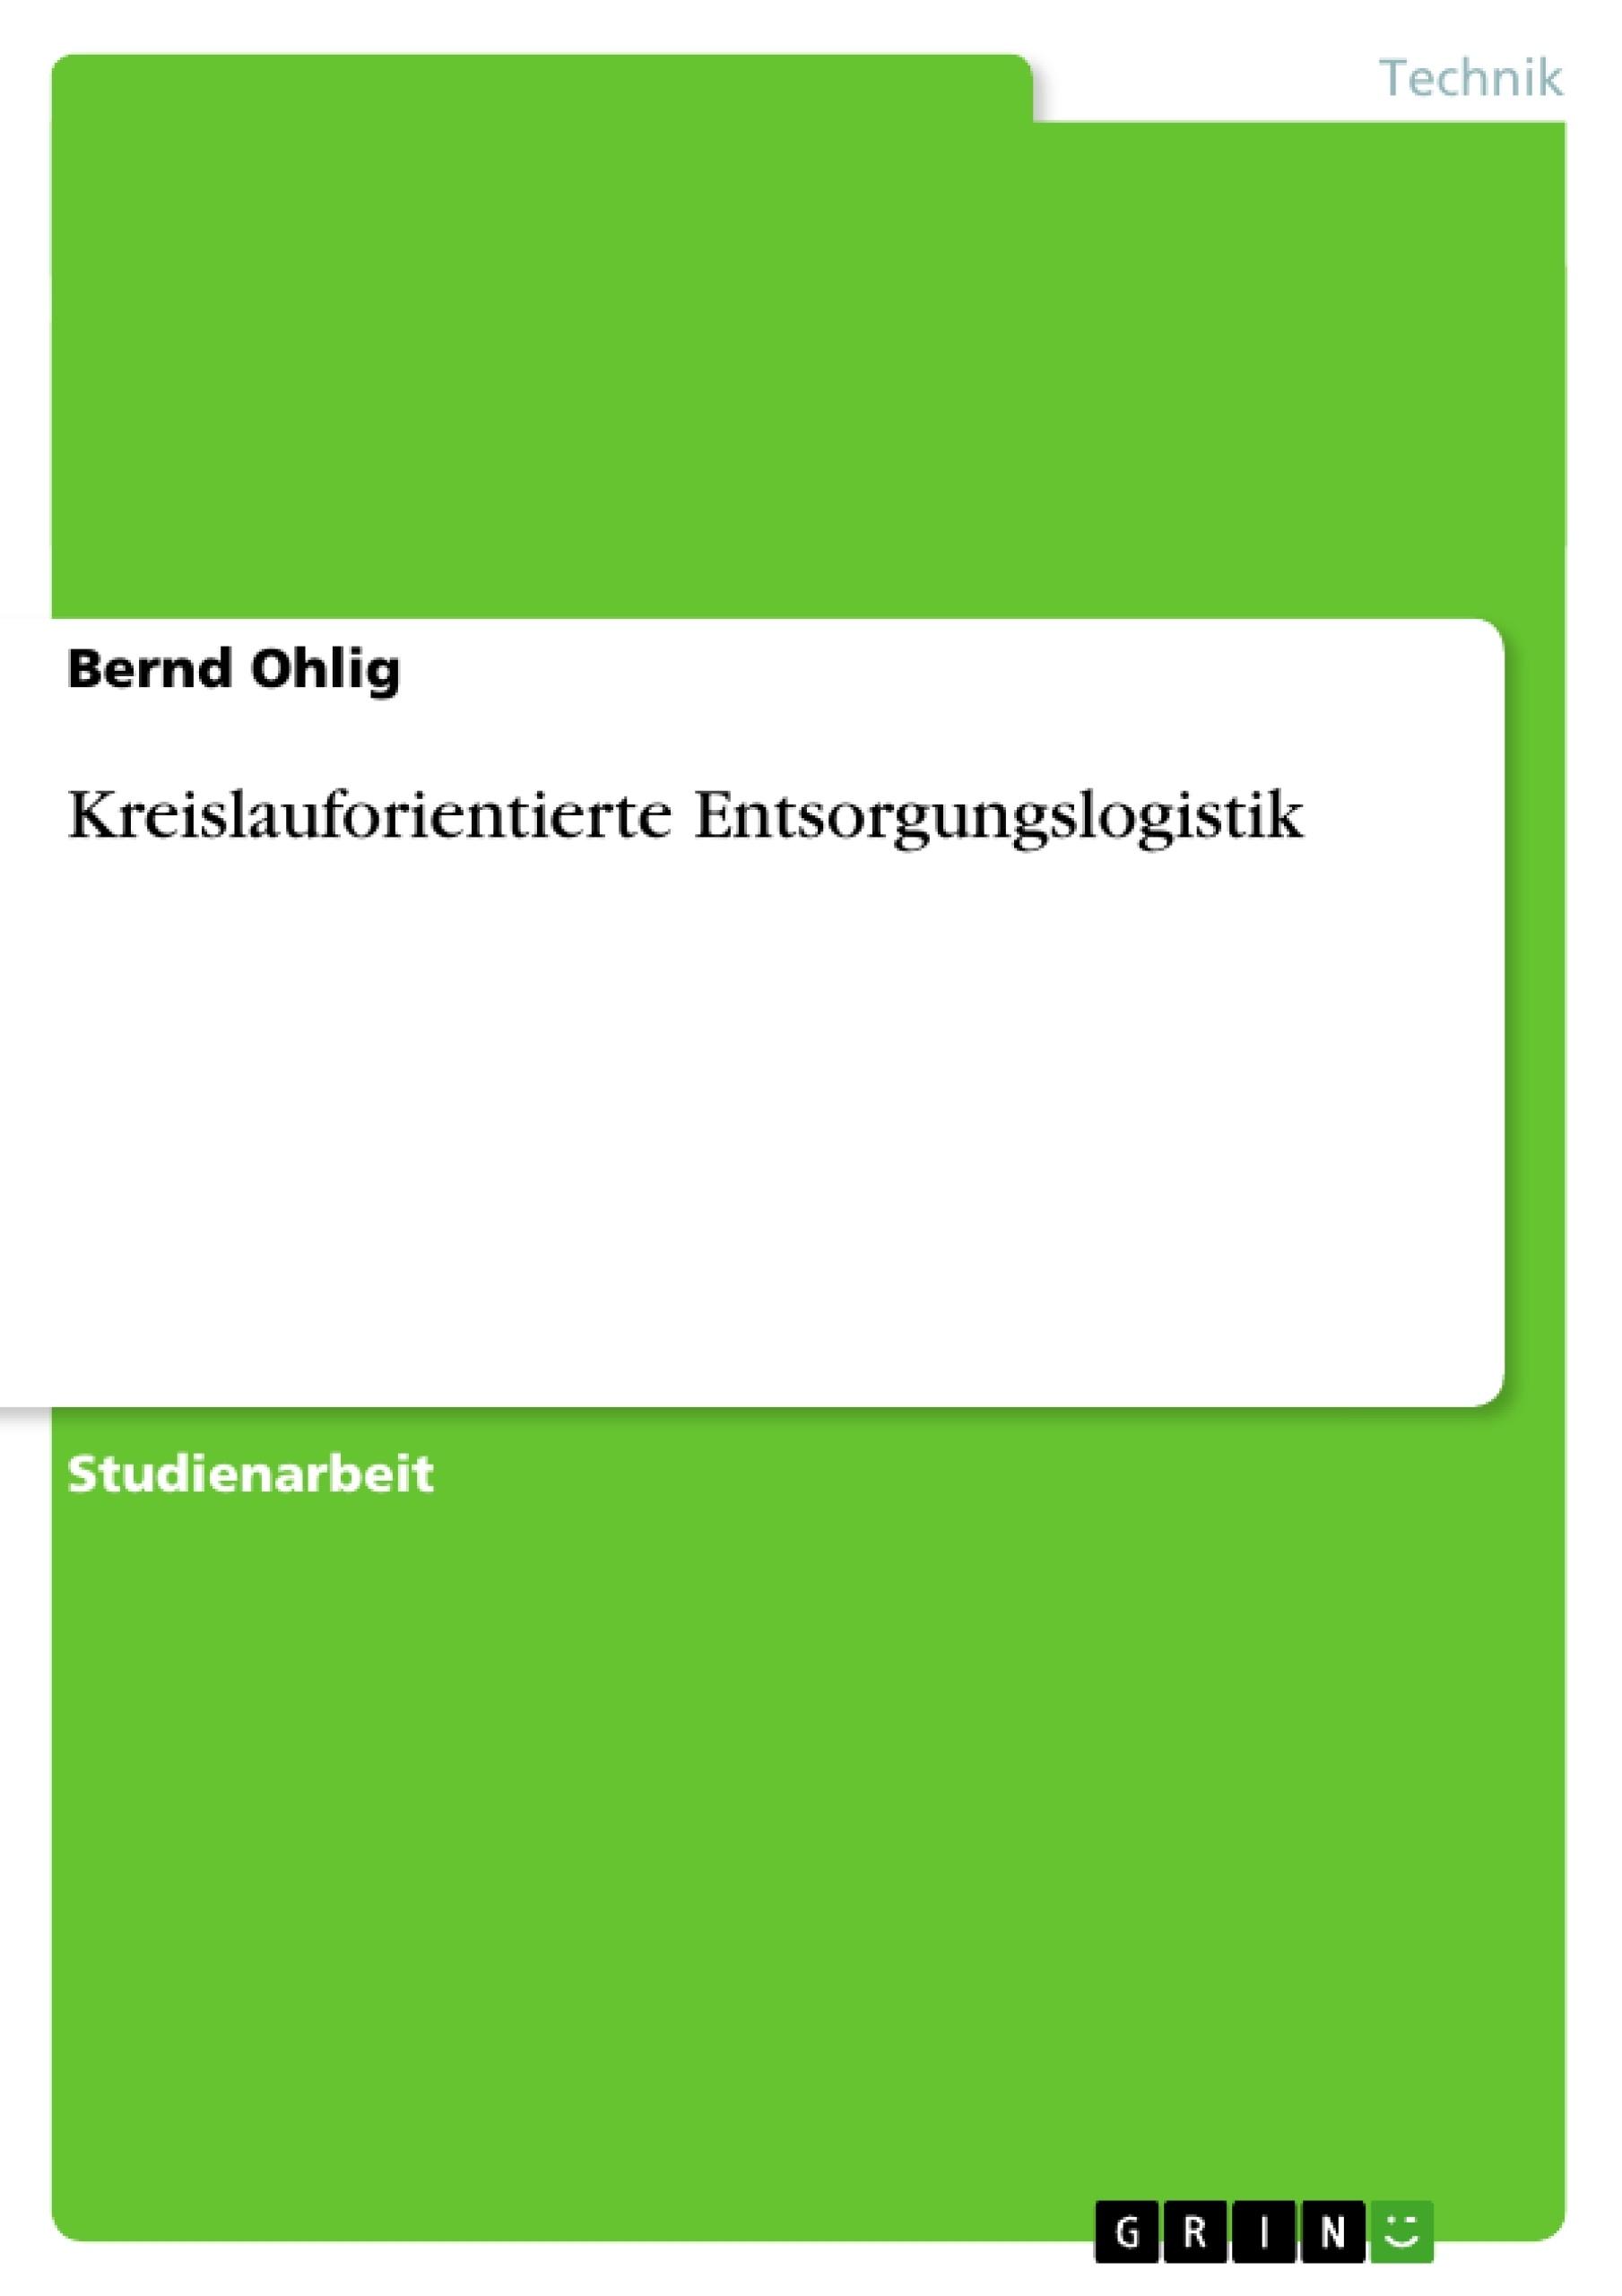 Titel: Kreislauforientierte Entsorgungslogistik